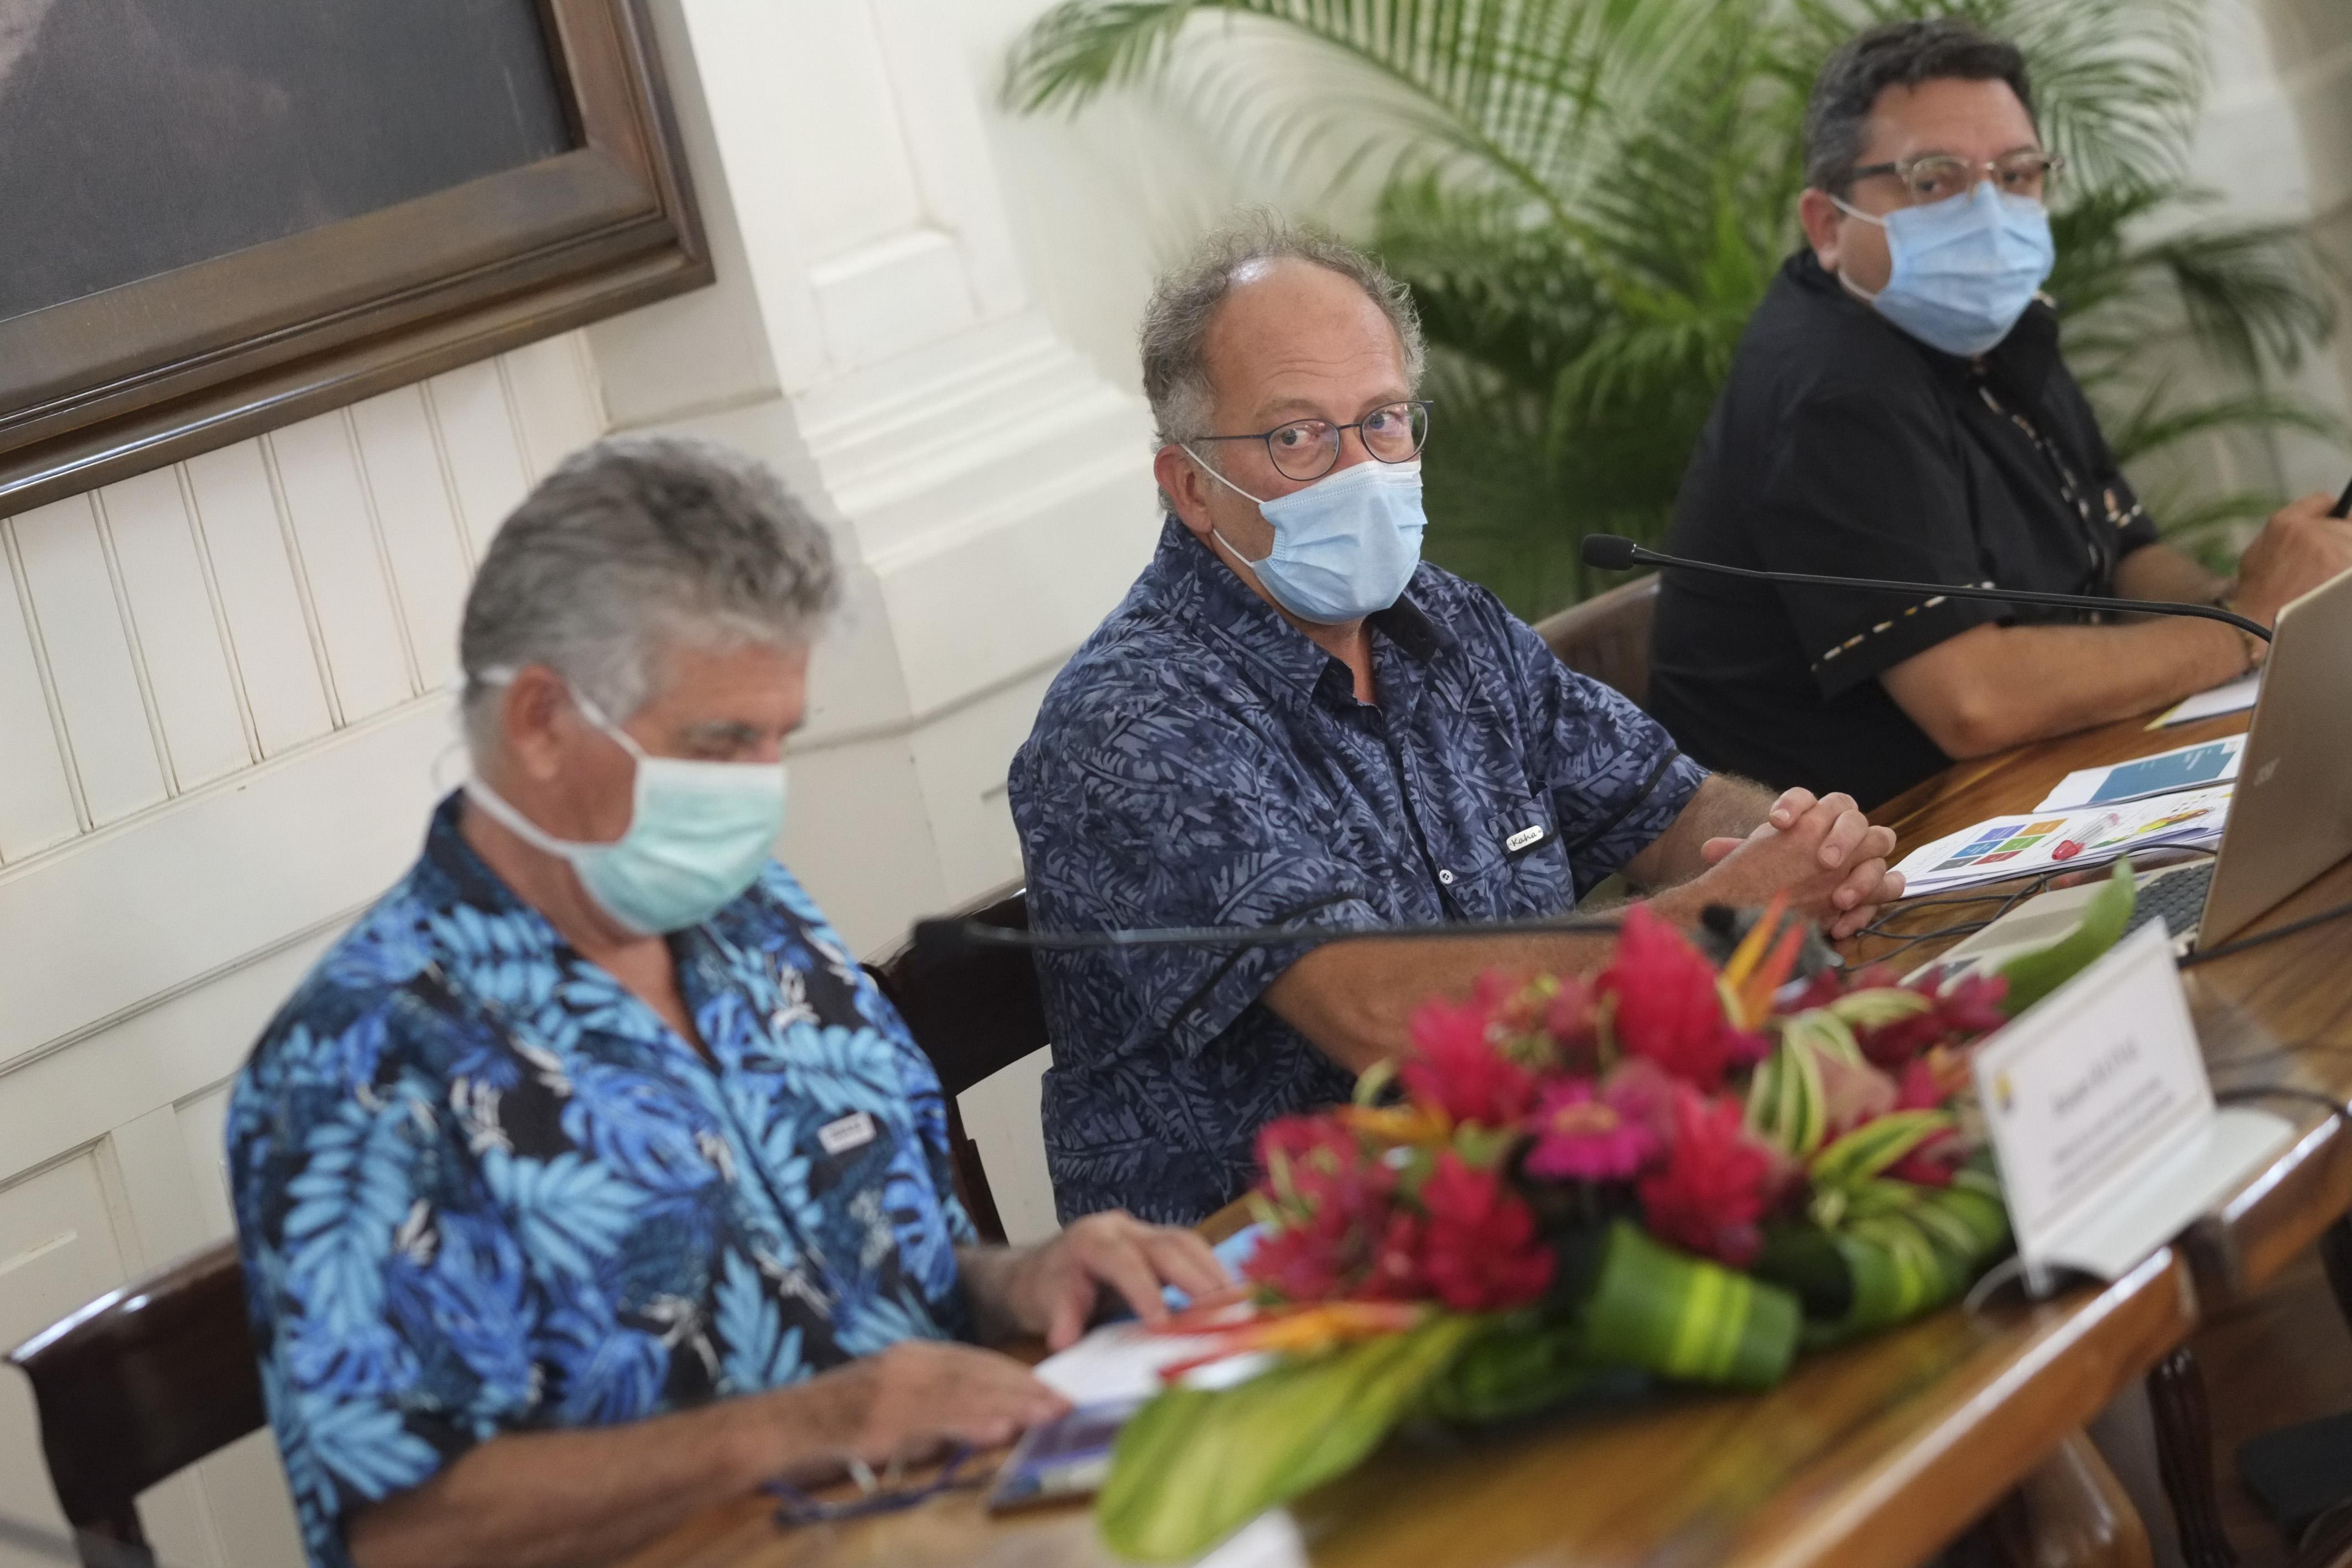 Sortie d'épidémie estimée en mai 2021, avec un pic en janvier